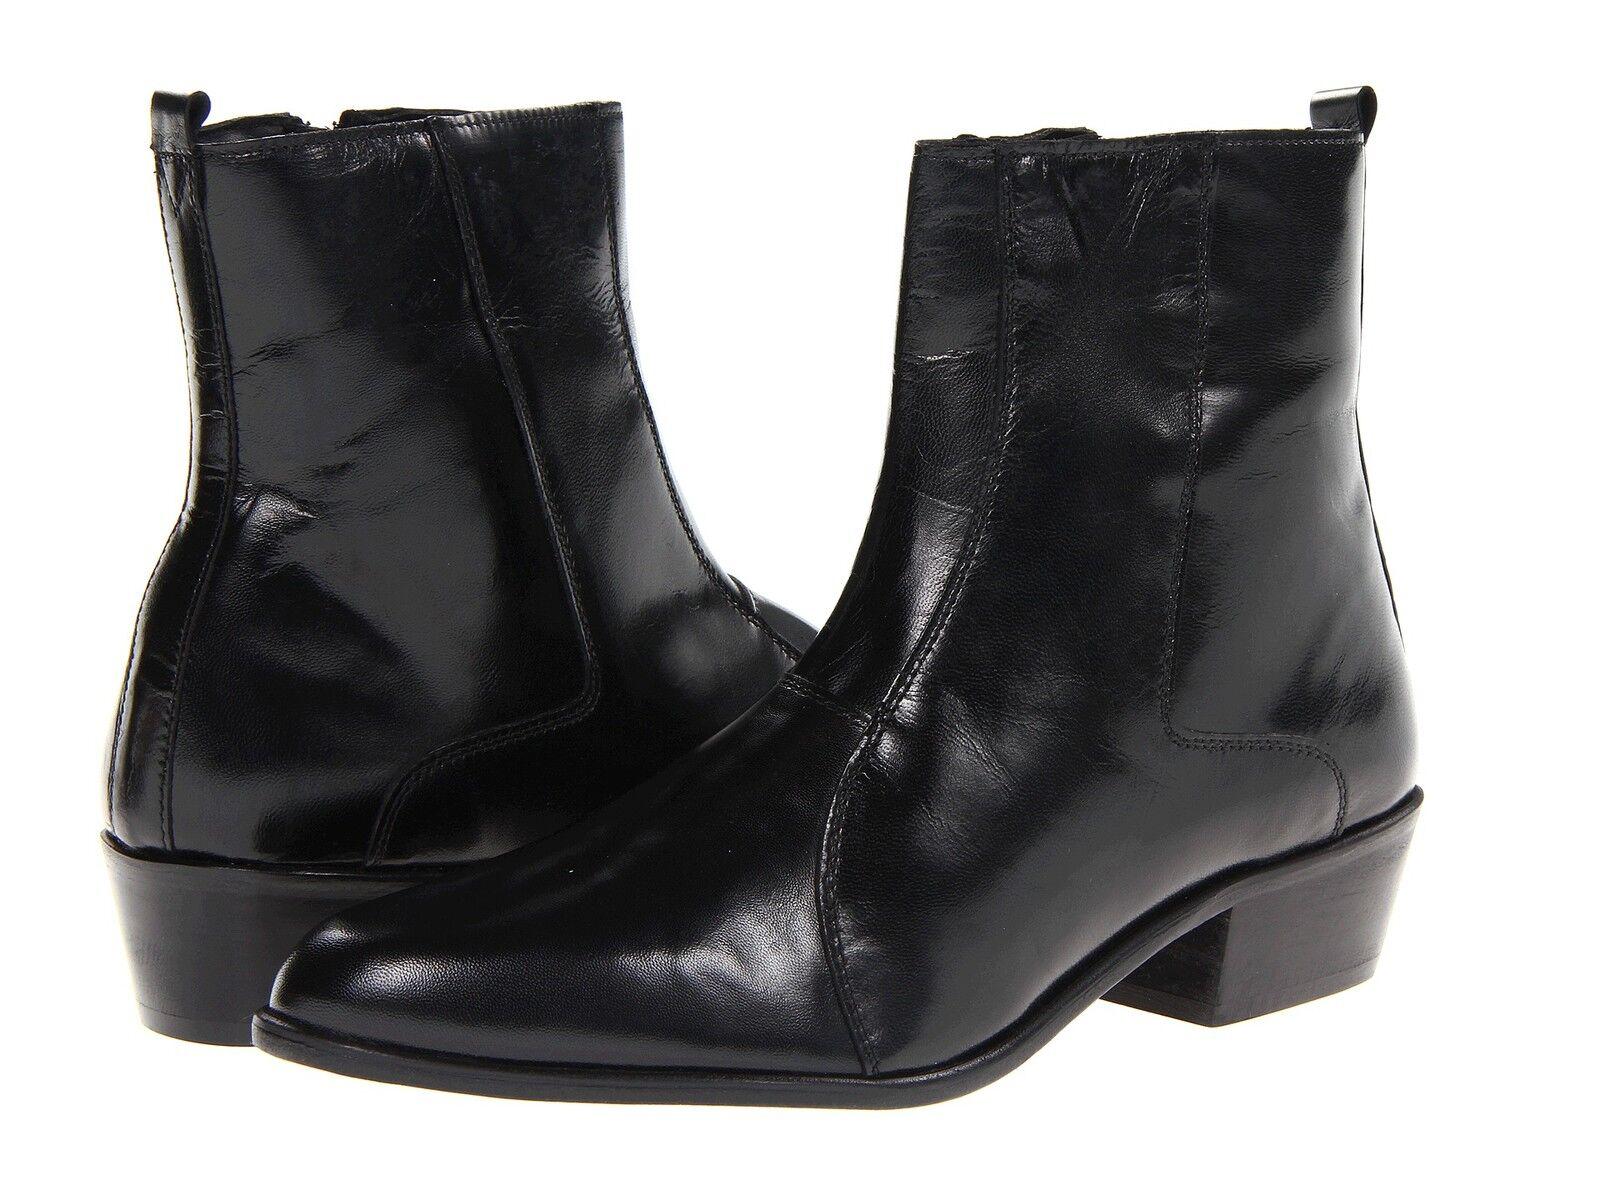 tutto in alta qualità e prezzo basso Stacy Adams Uomo SANTOS Slip-on leather nero nero nero stivali 24855-001  offrendo il 100%